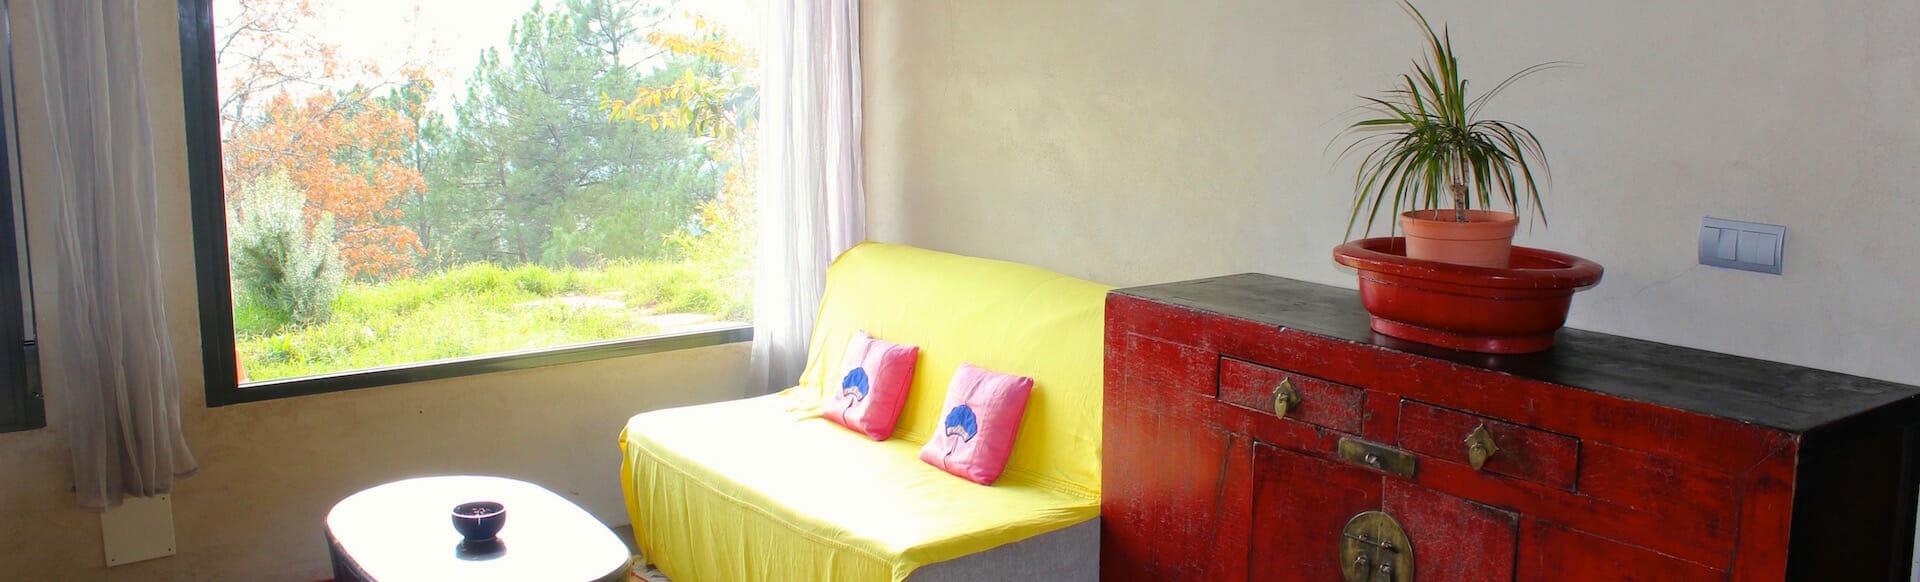 Habitación grande - sofa